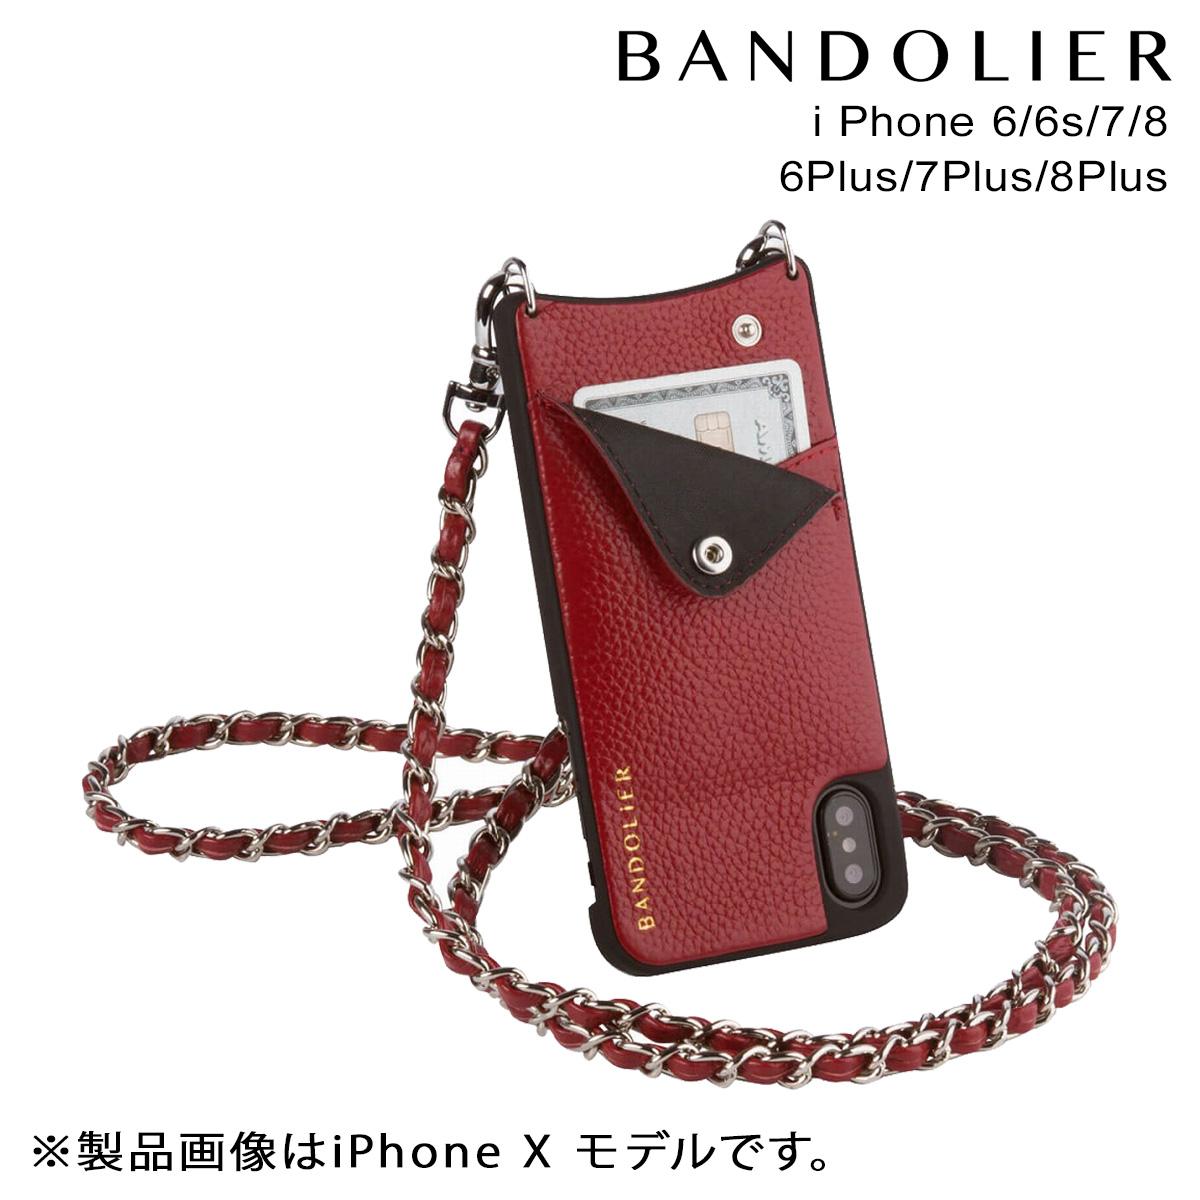 BANDOLIER LUCY CRIMSON バンドリヤー iPhone8 iPhone7 7Plus 6s ケース スマホ アイフォン プラス メンズ レディース